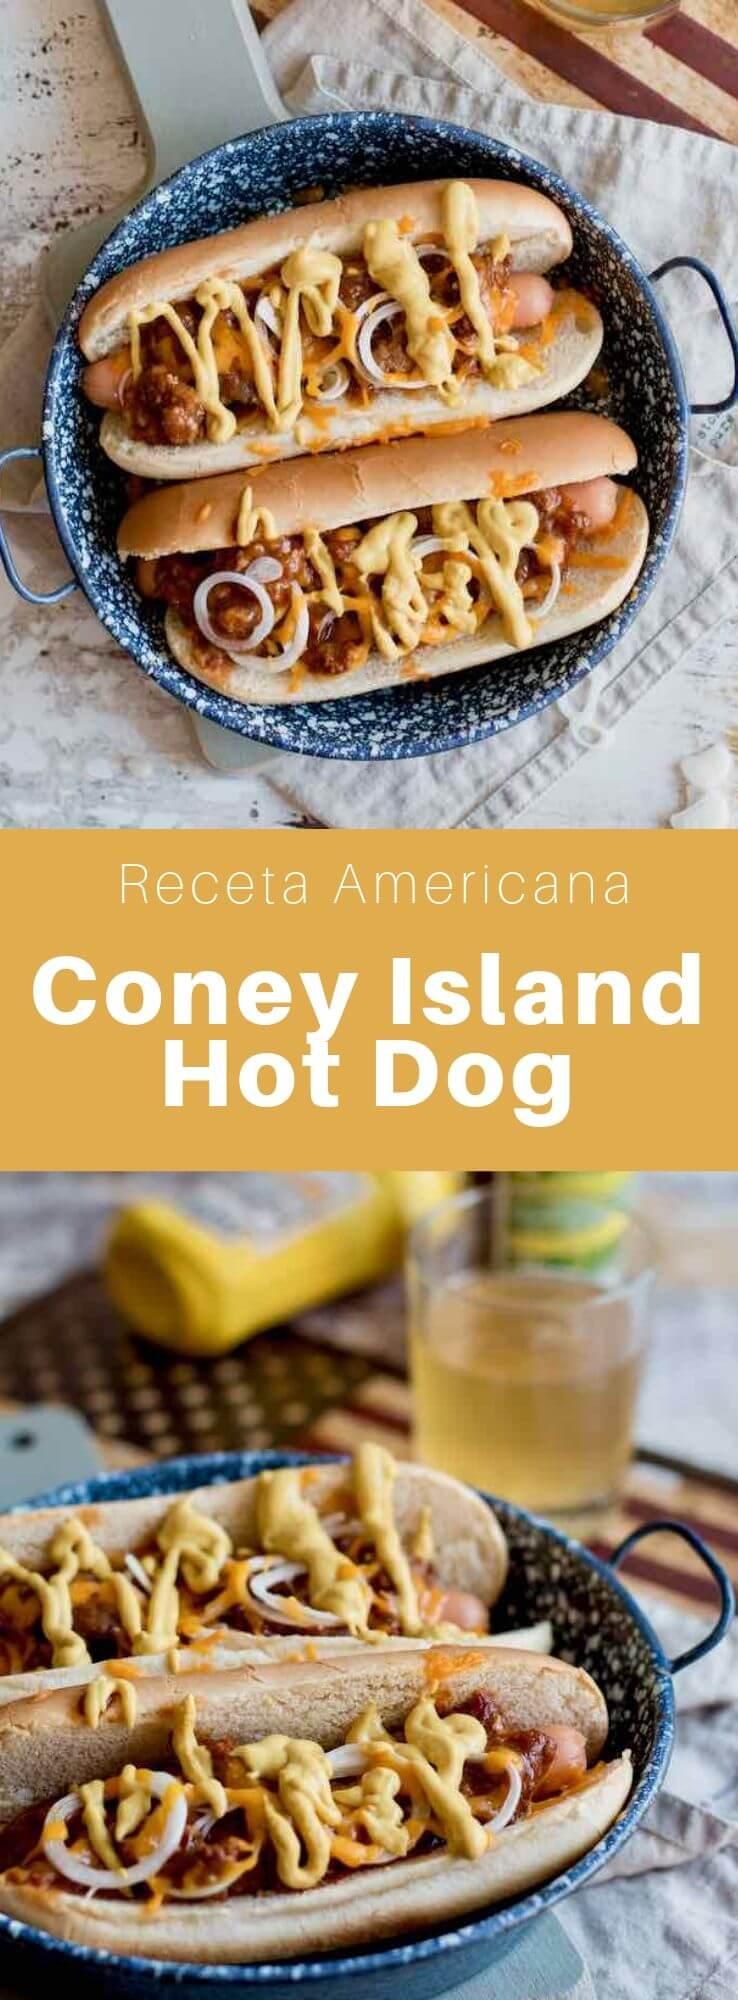 Un hot dog de Coney Island es un hot dog, pero también es un tipo popular de restaurante del norte de los Estados Unidos, especialmente en Michigan.